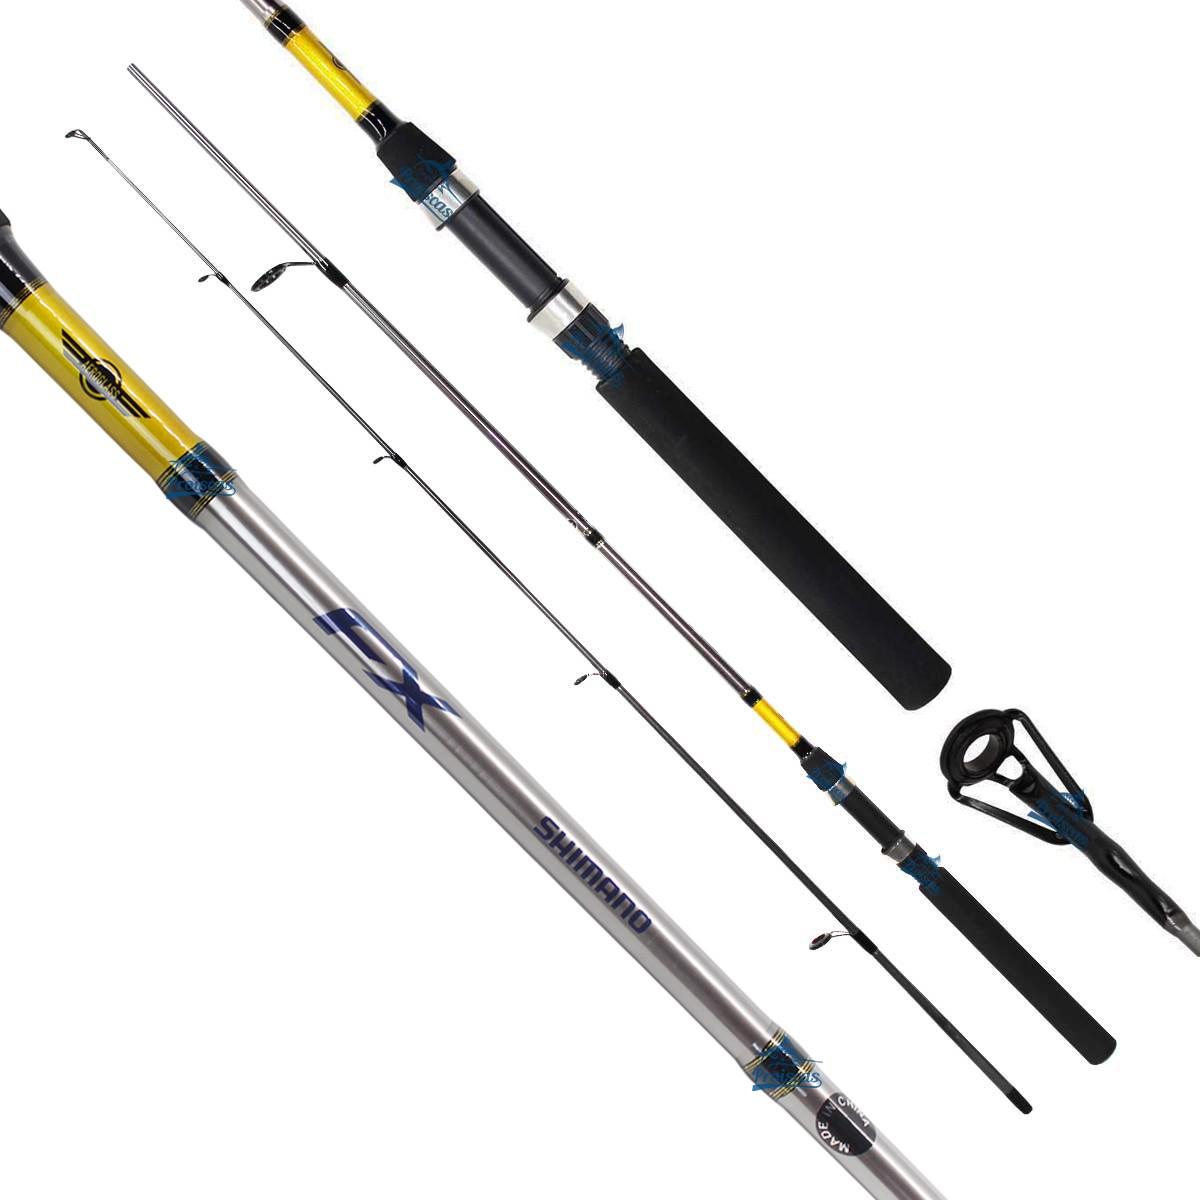 Vara Shimano Fx 802 (2,43m) 12-25lb Molinete 2 Partes  - Pesca Adventure